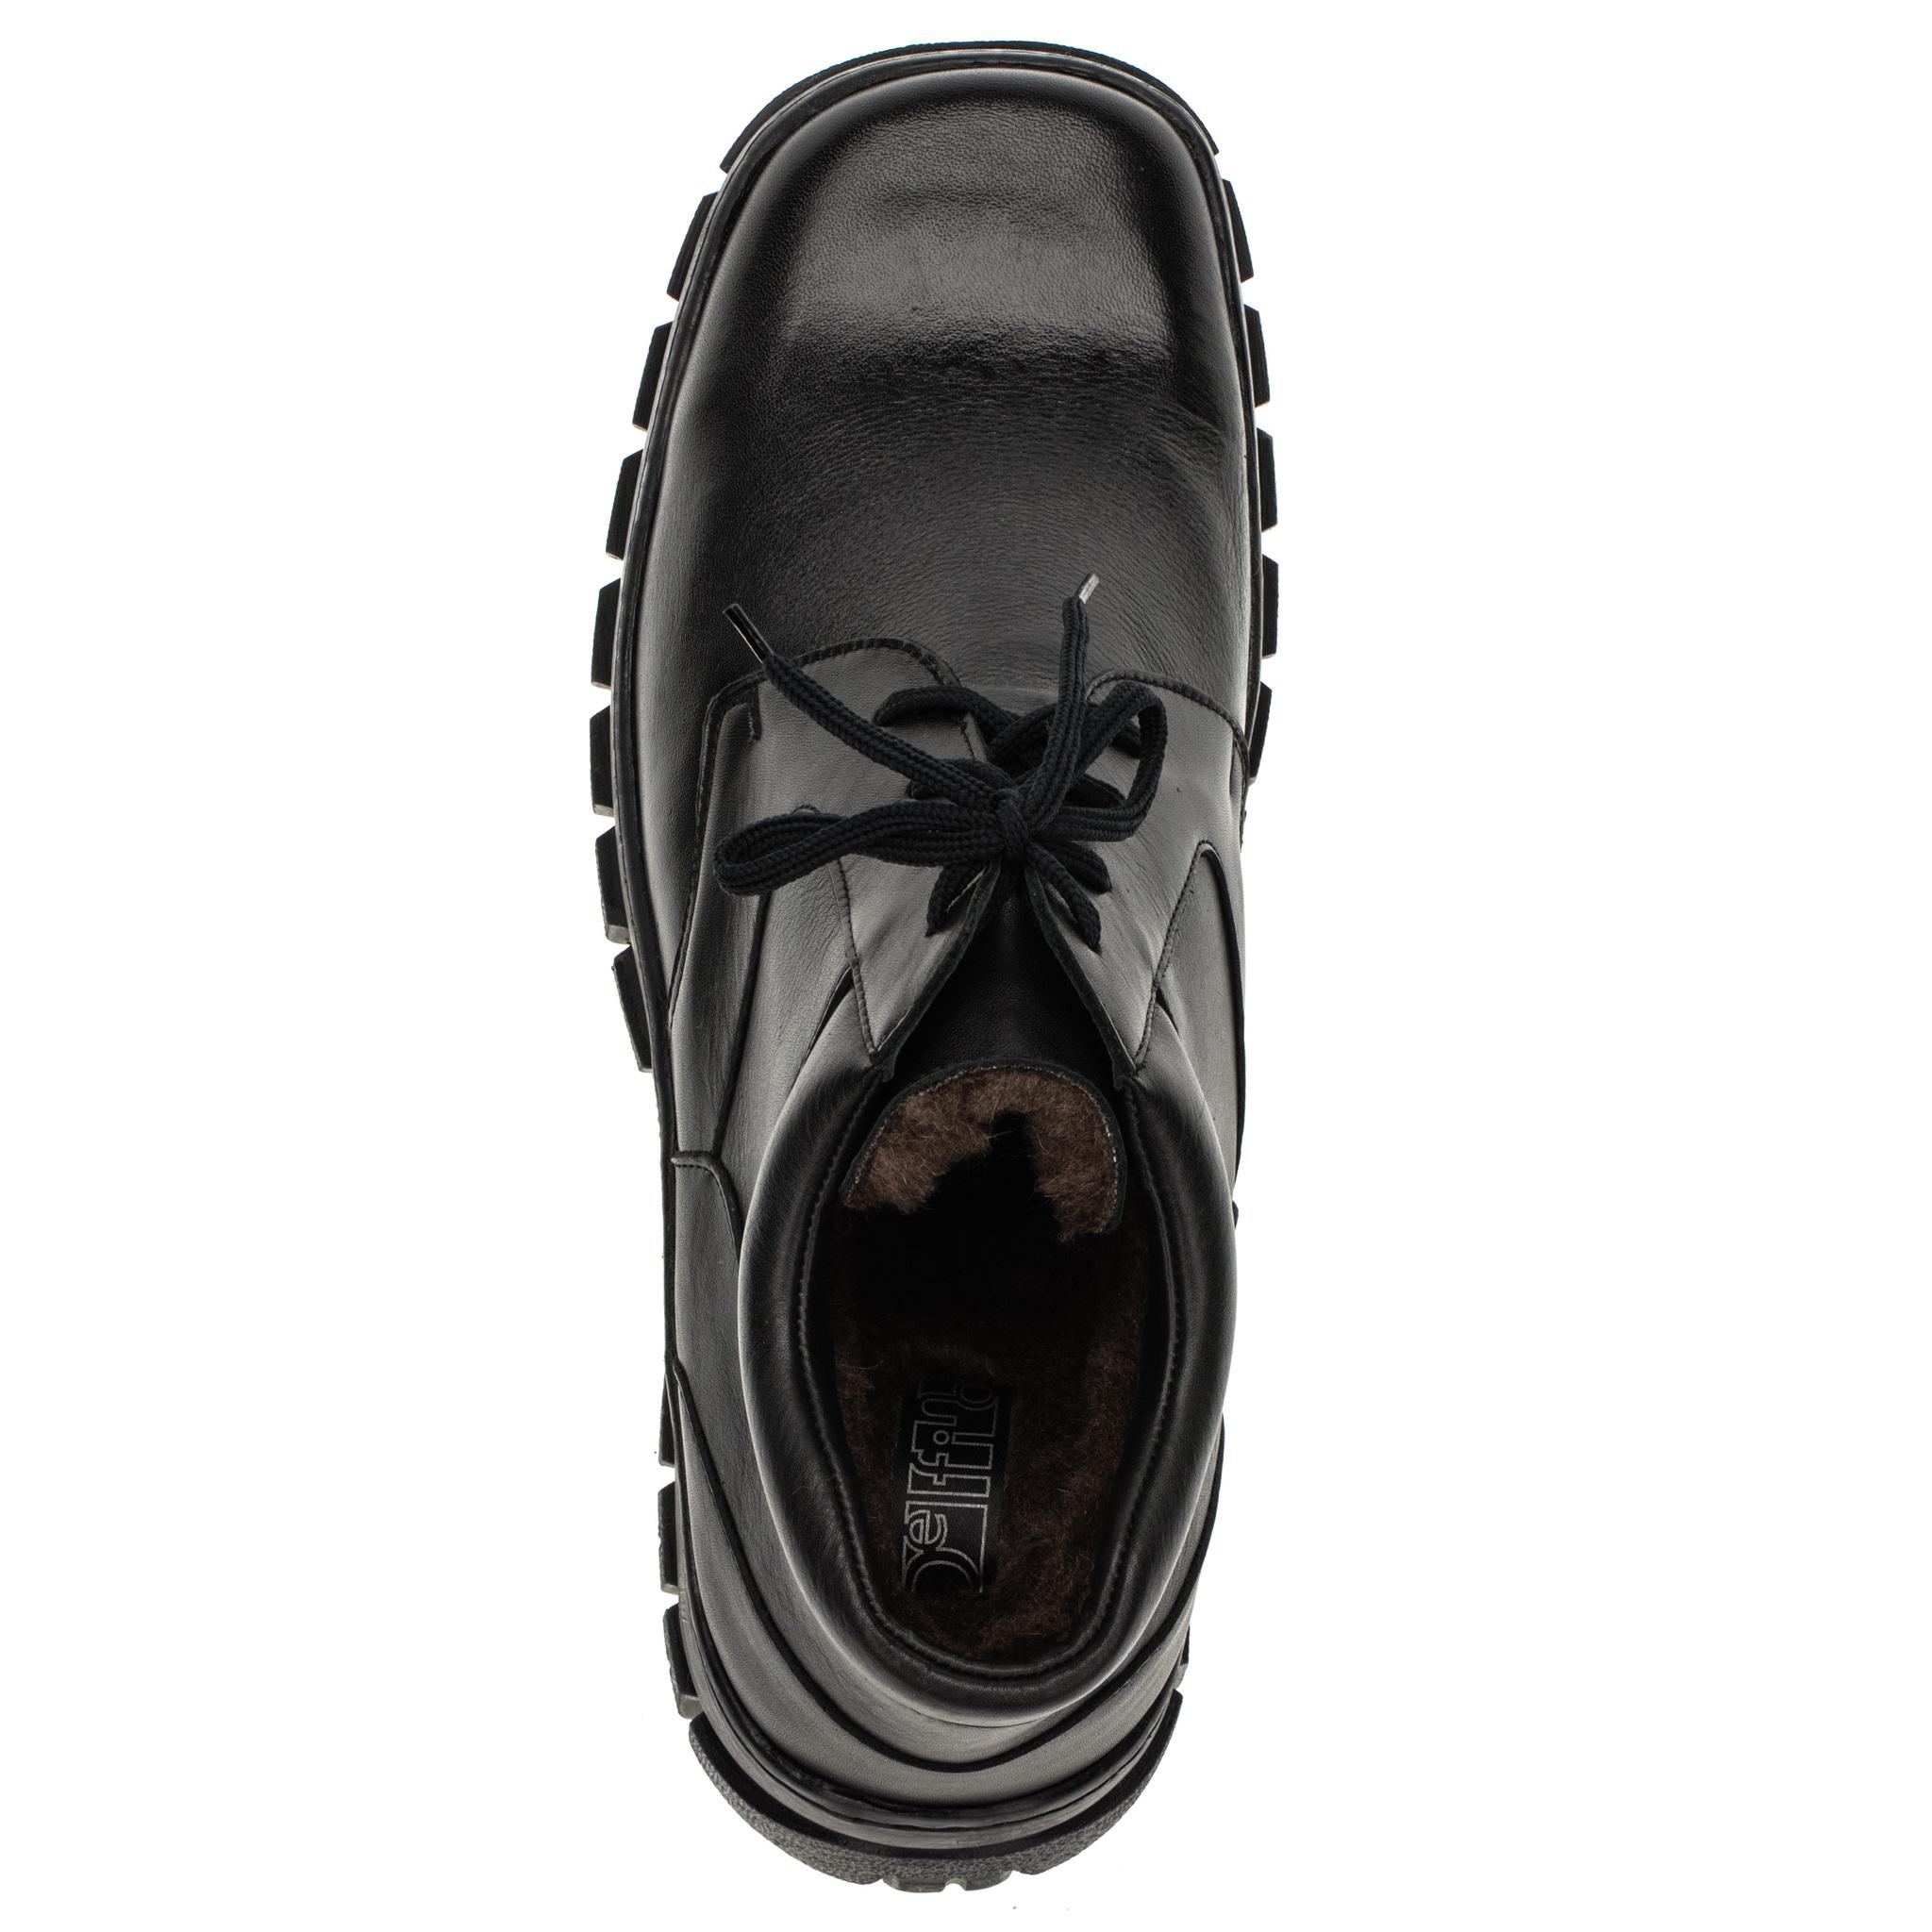 065414 ботинки мужские больших размеров марки Делфино